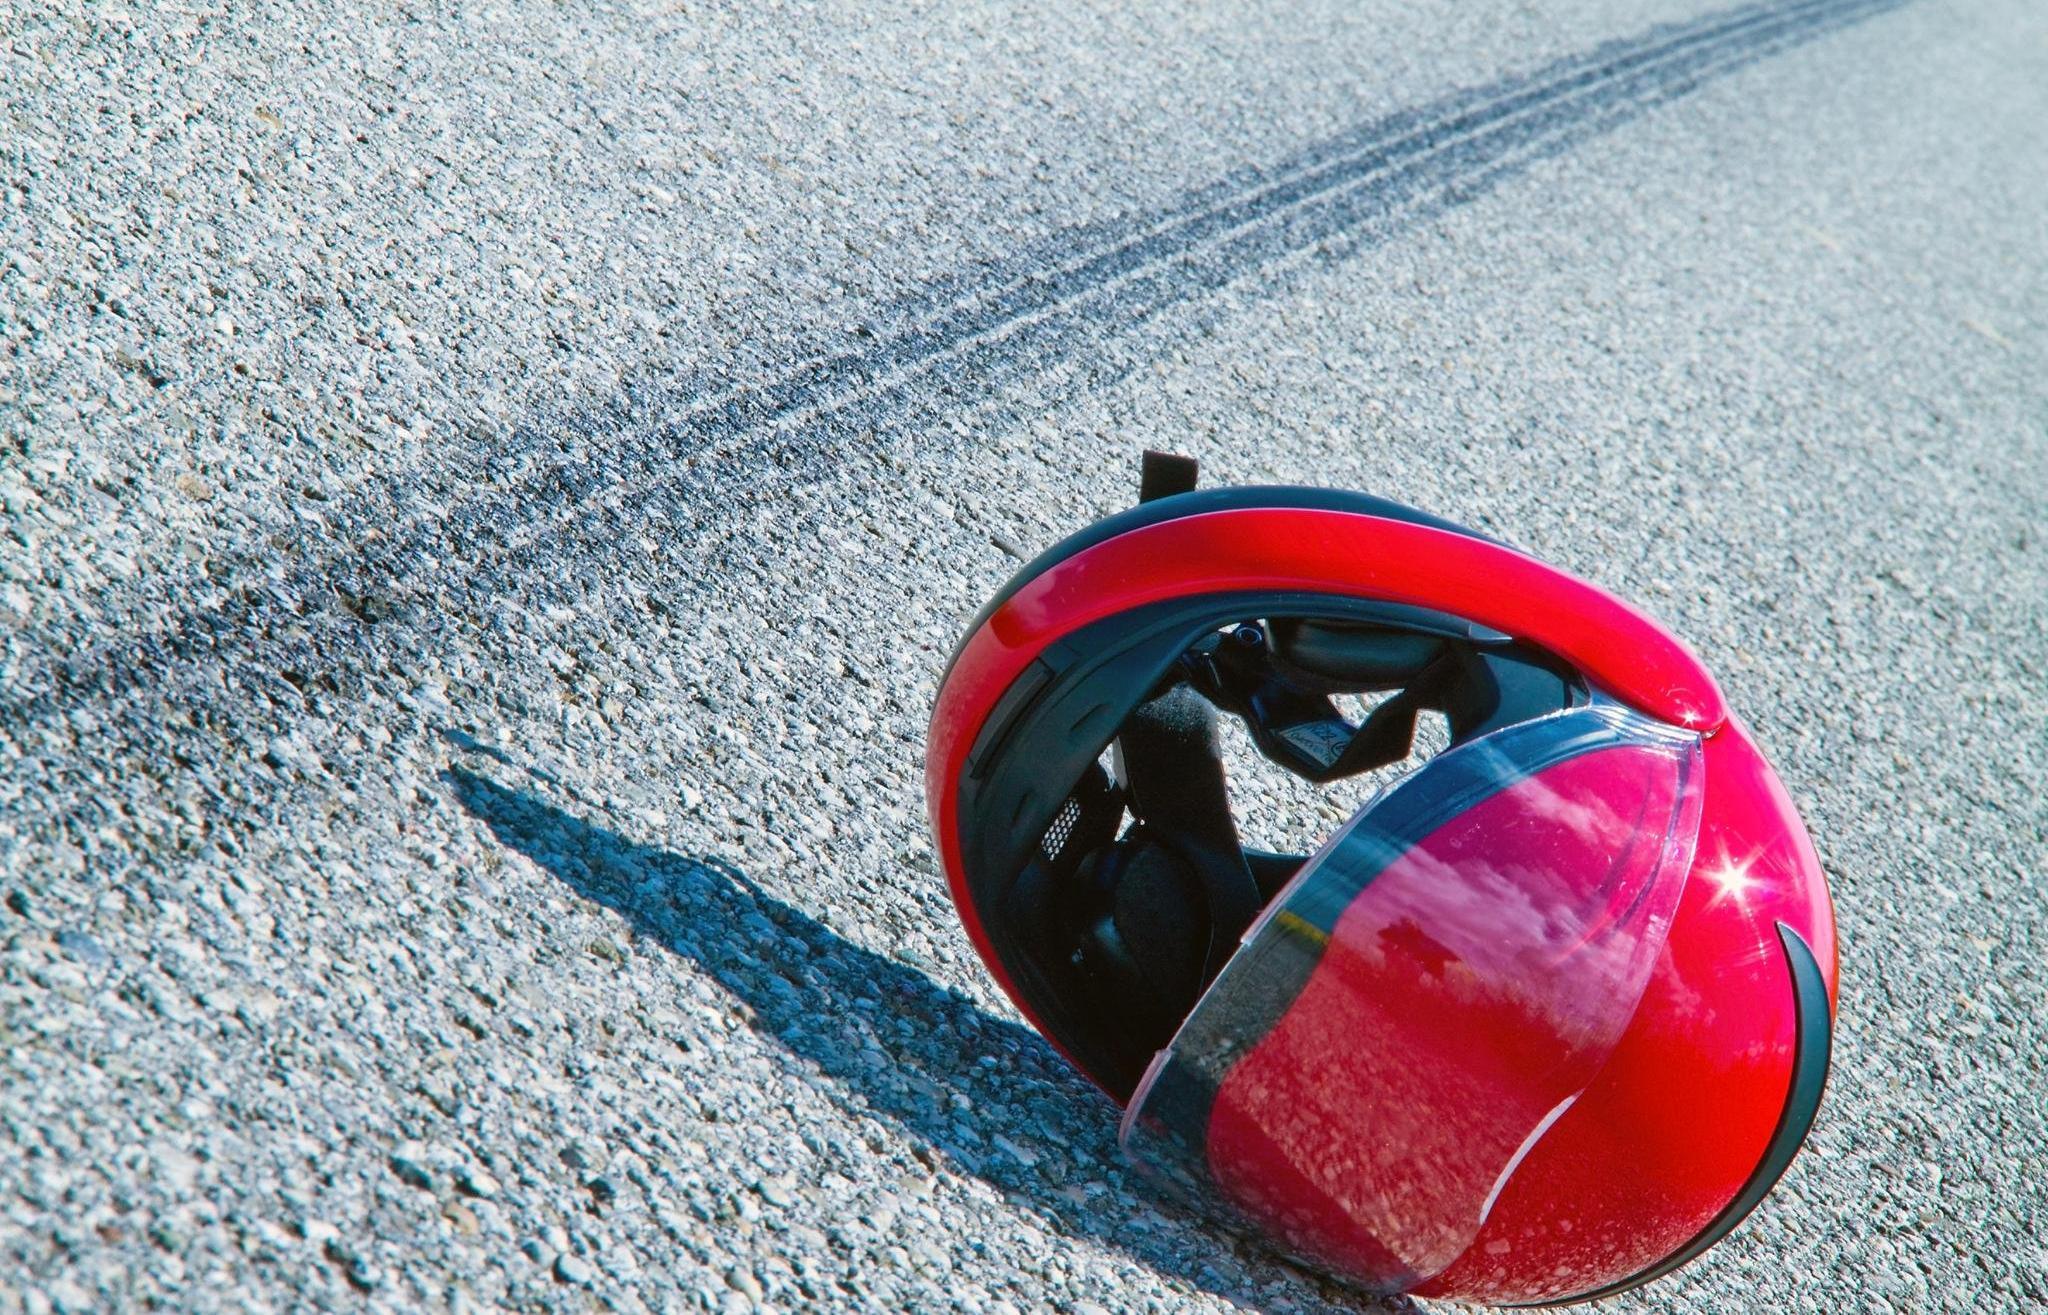 15-летний мотоциклист столкнулся с легковушкой в Тверской области  - новости Афанасий